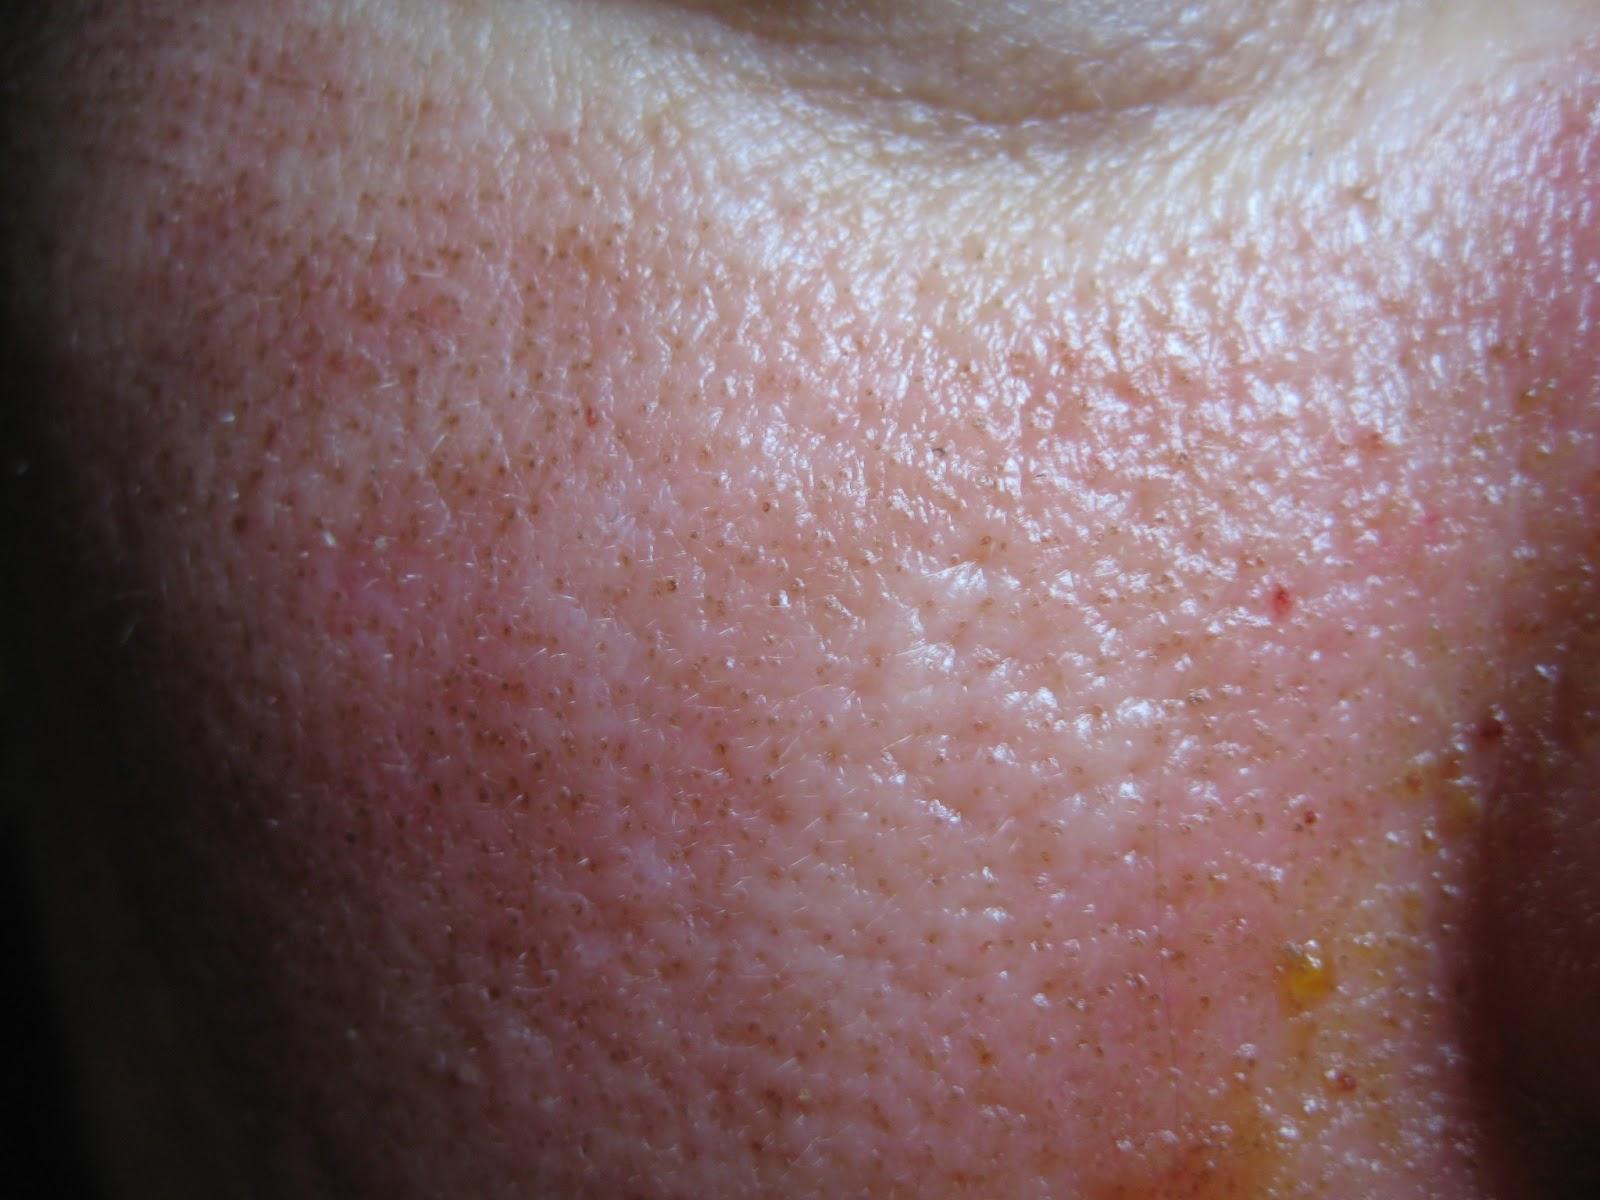 Hogyan lehet megszüntetni az emberi papilloma vírust - A HPV tünetei